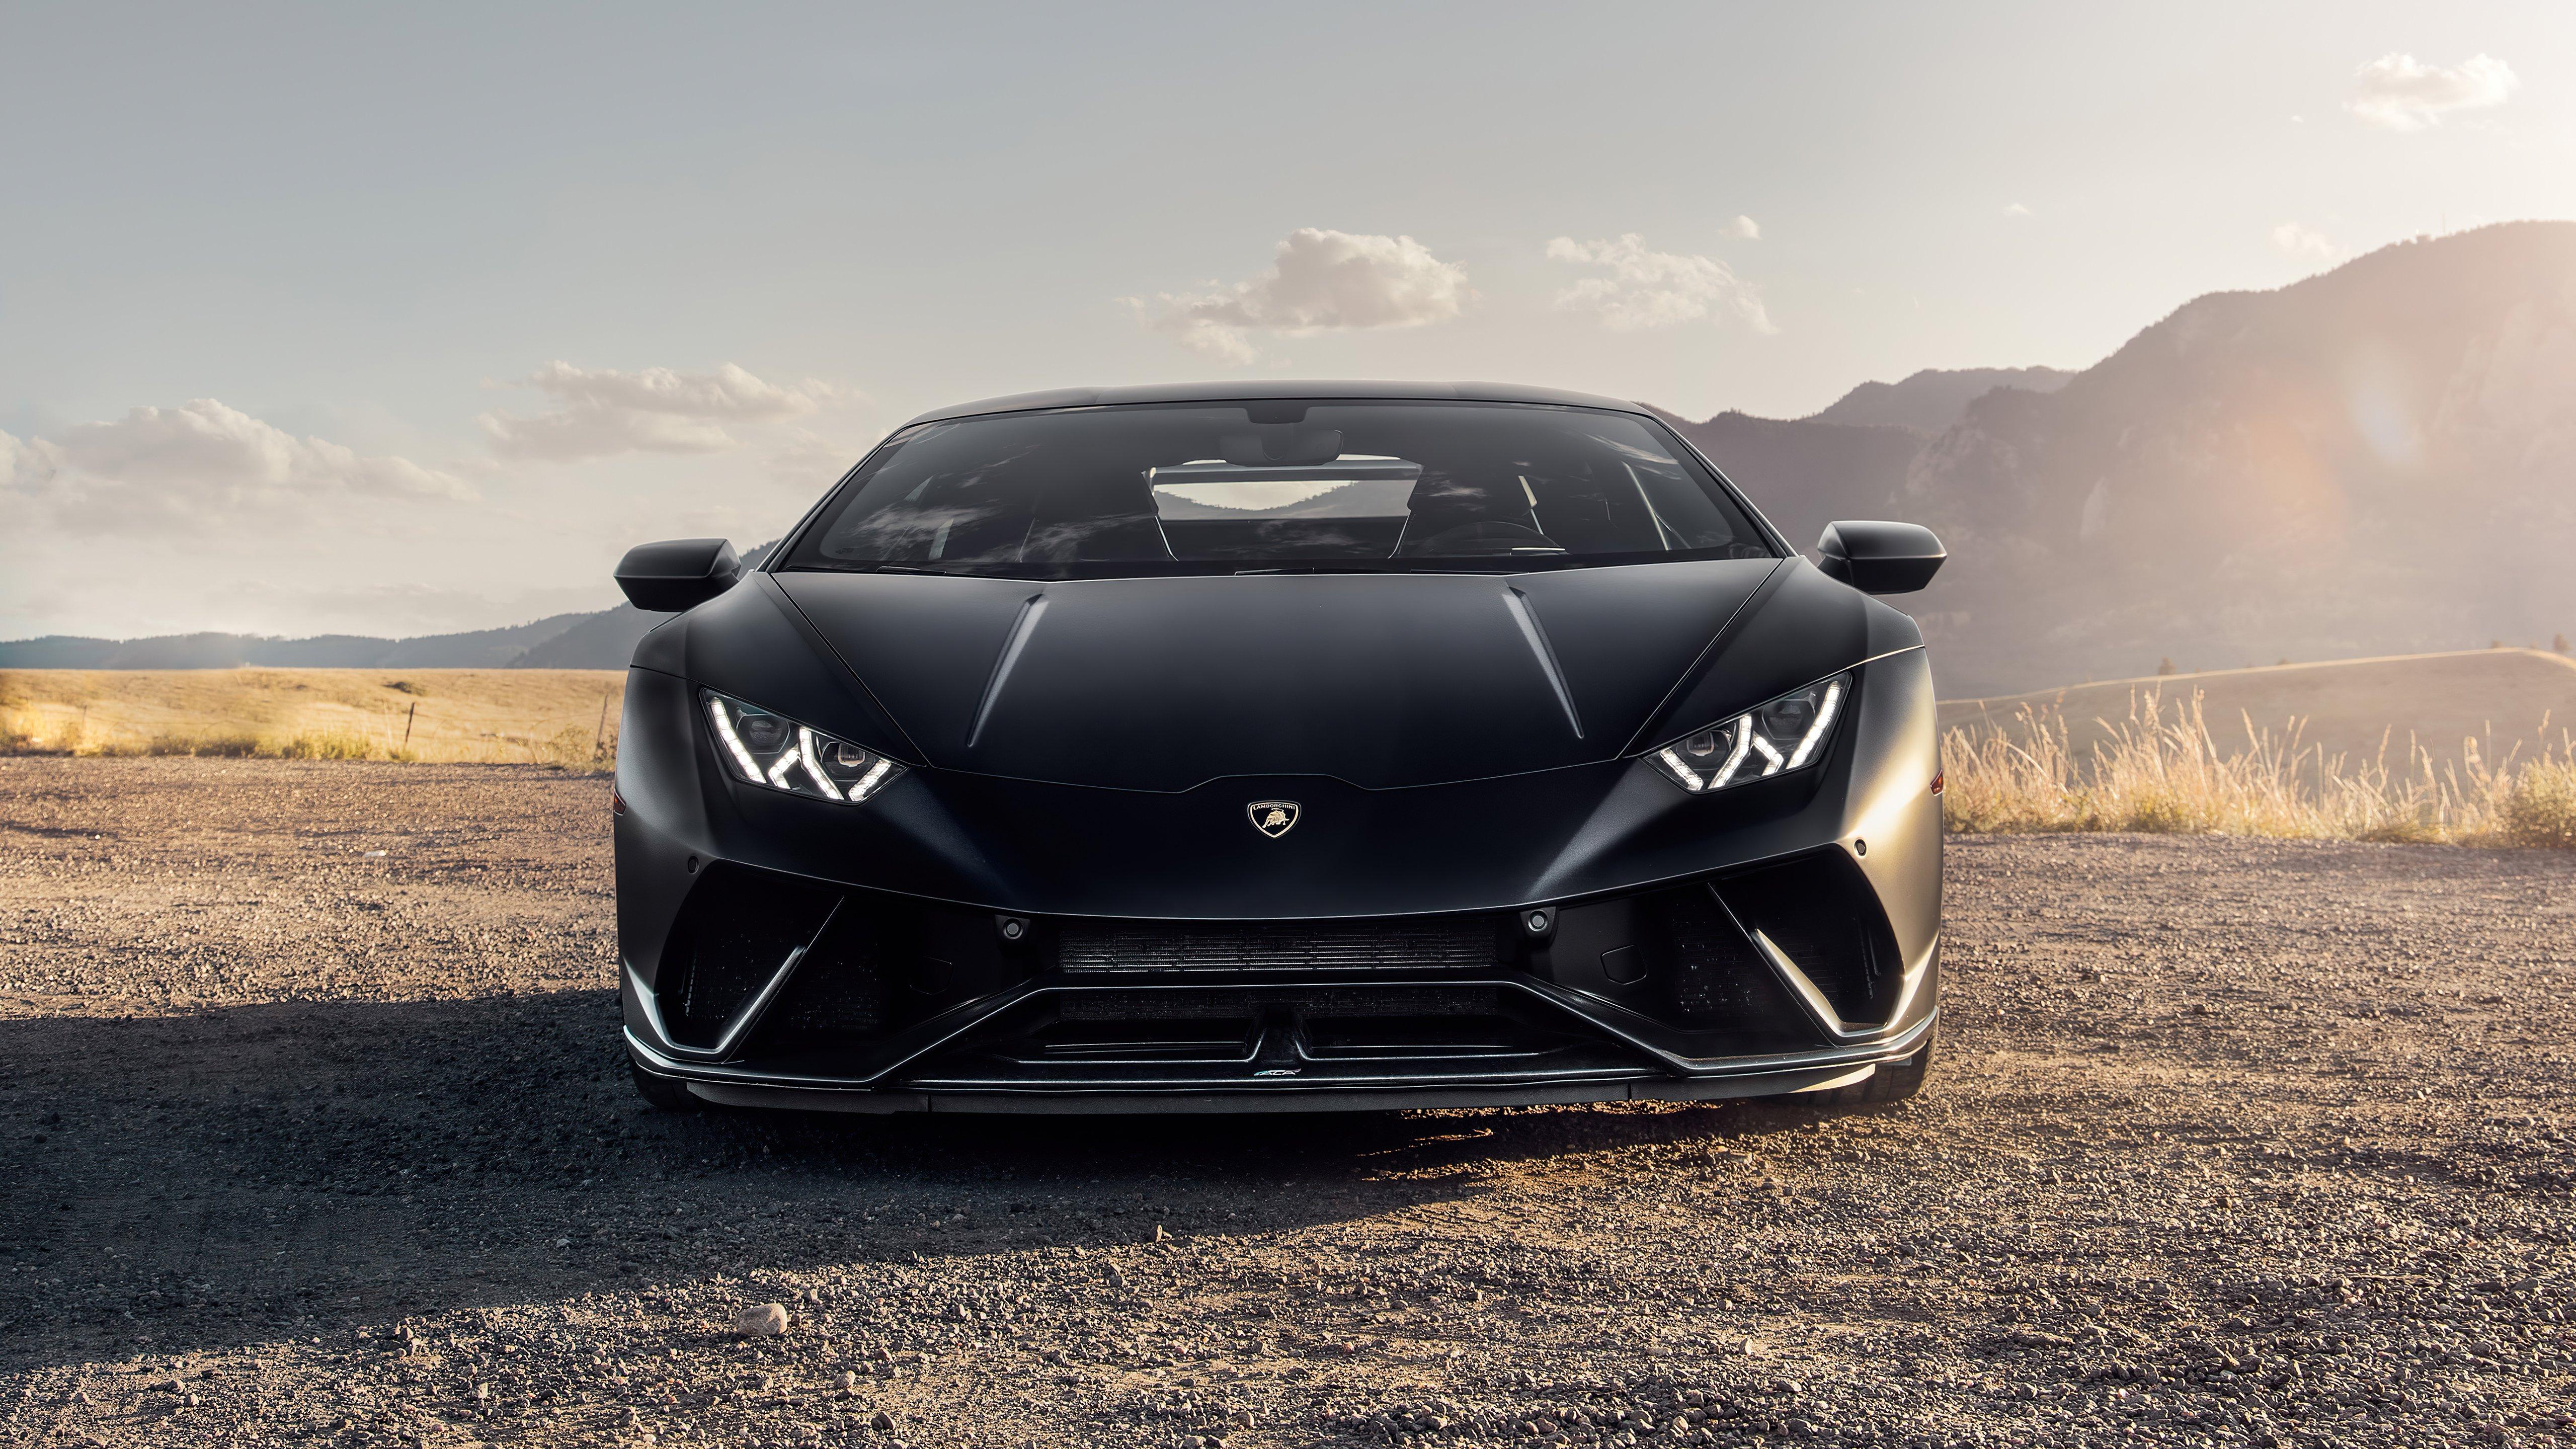 Fondos de pantalla Lamborghini Huracan Performante